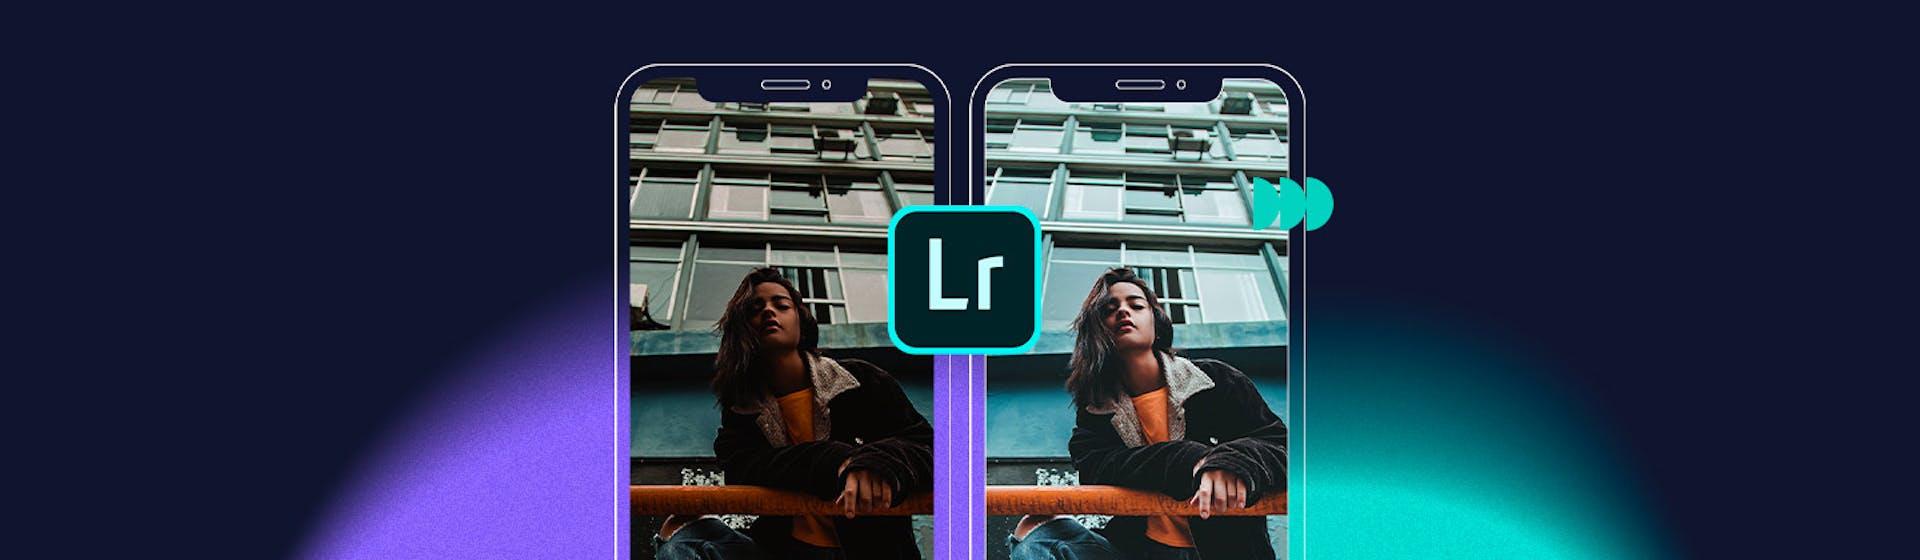 Cómo editar fotos para Instagram en Lightroom y tener un feed increíble